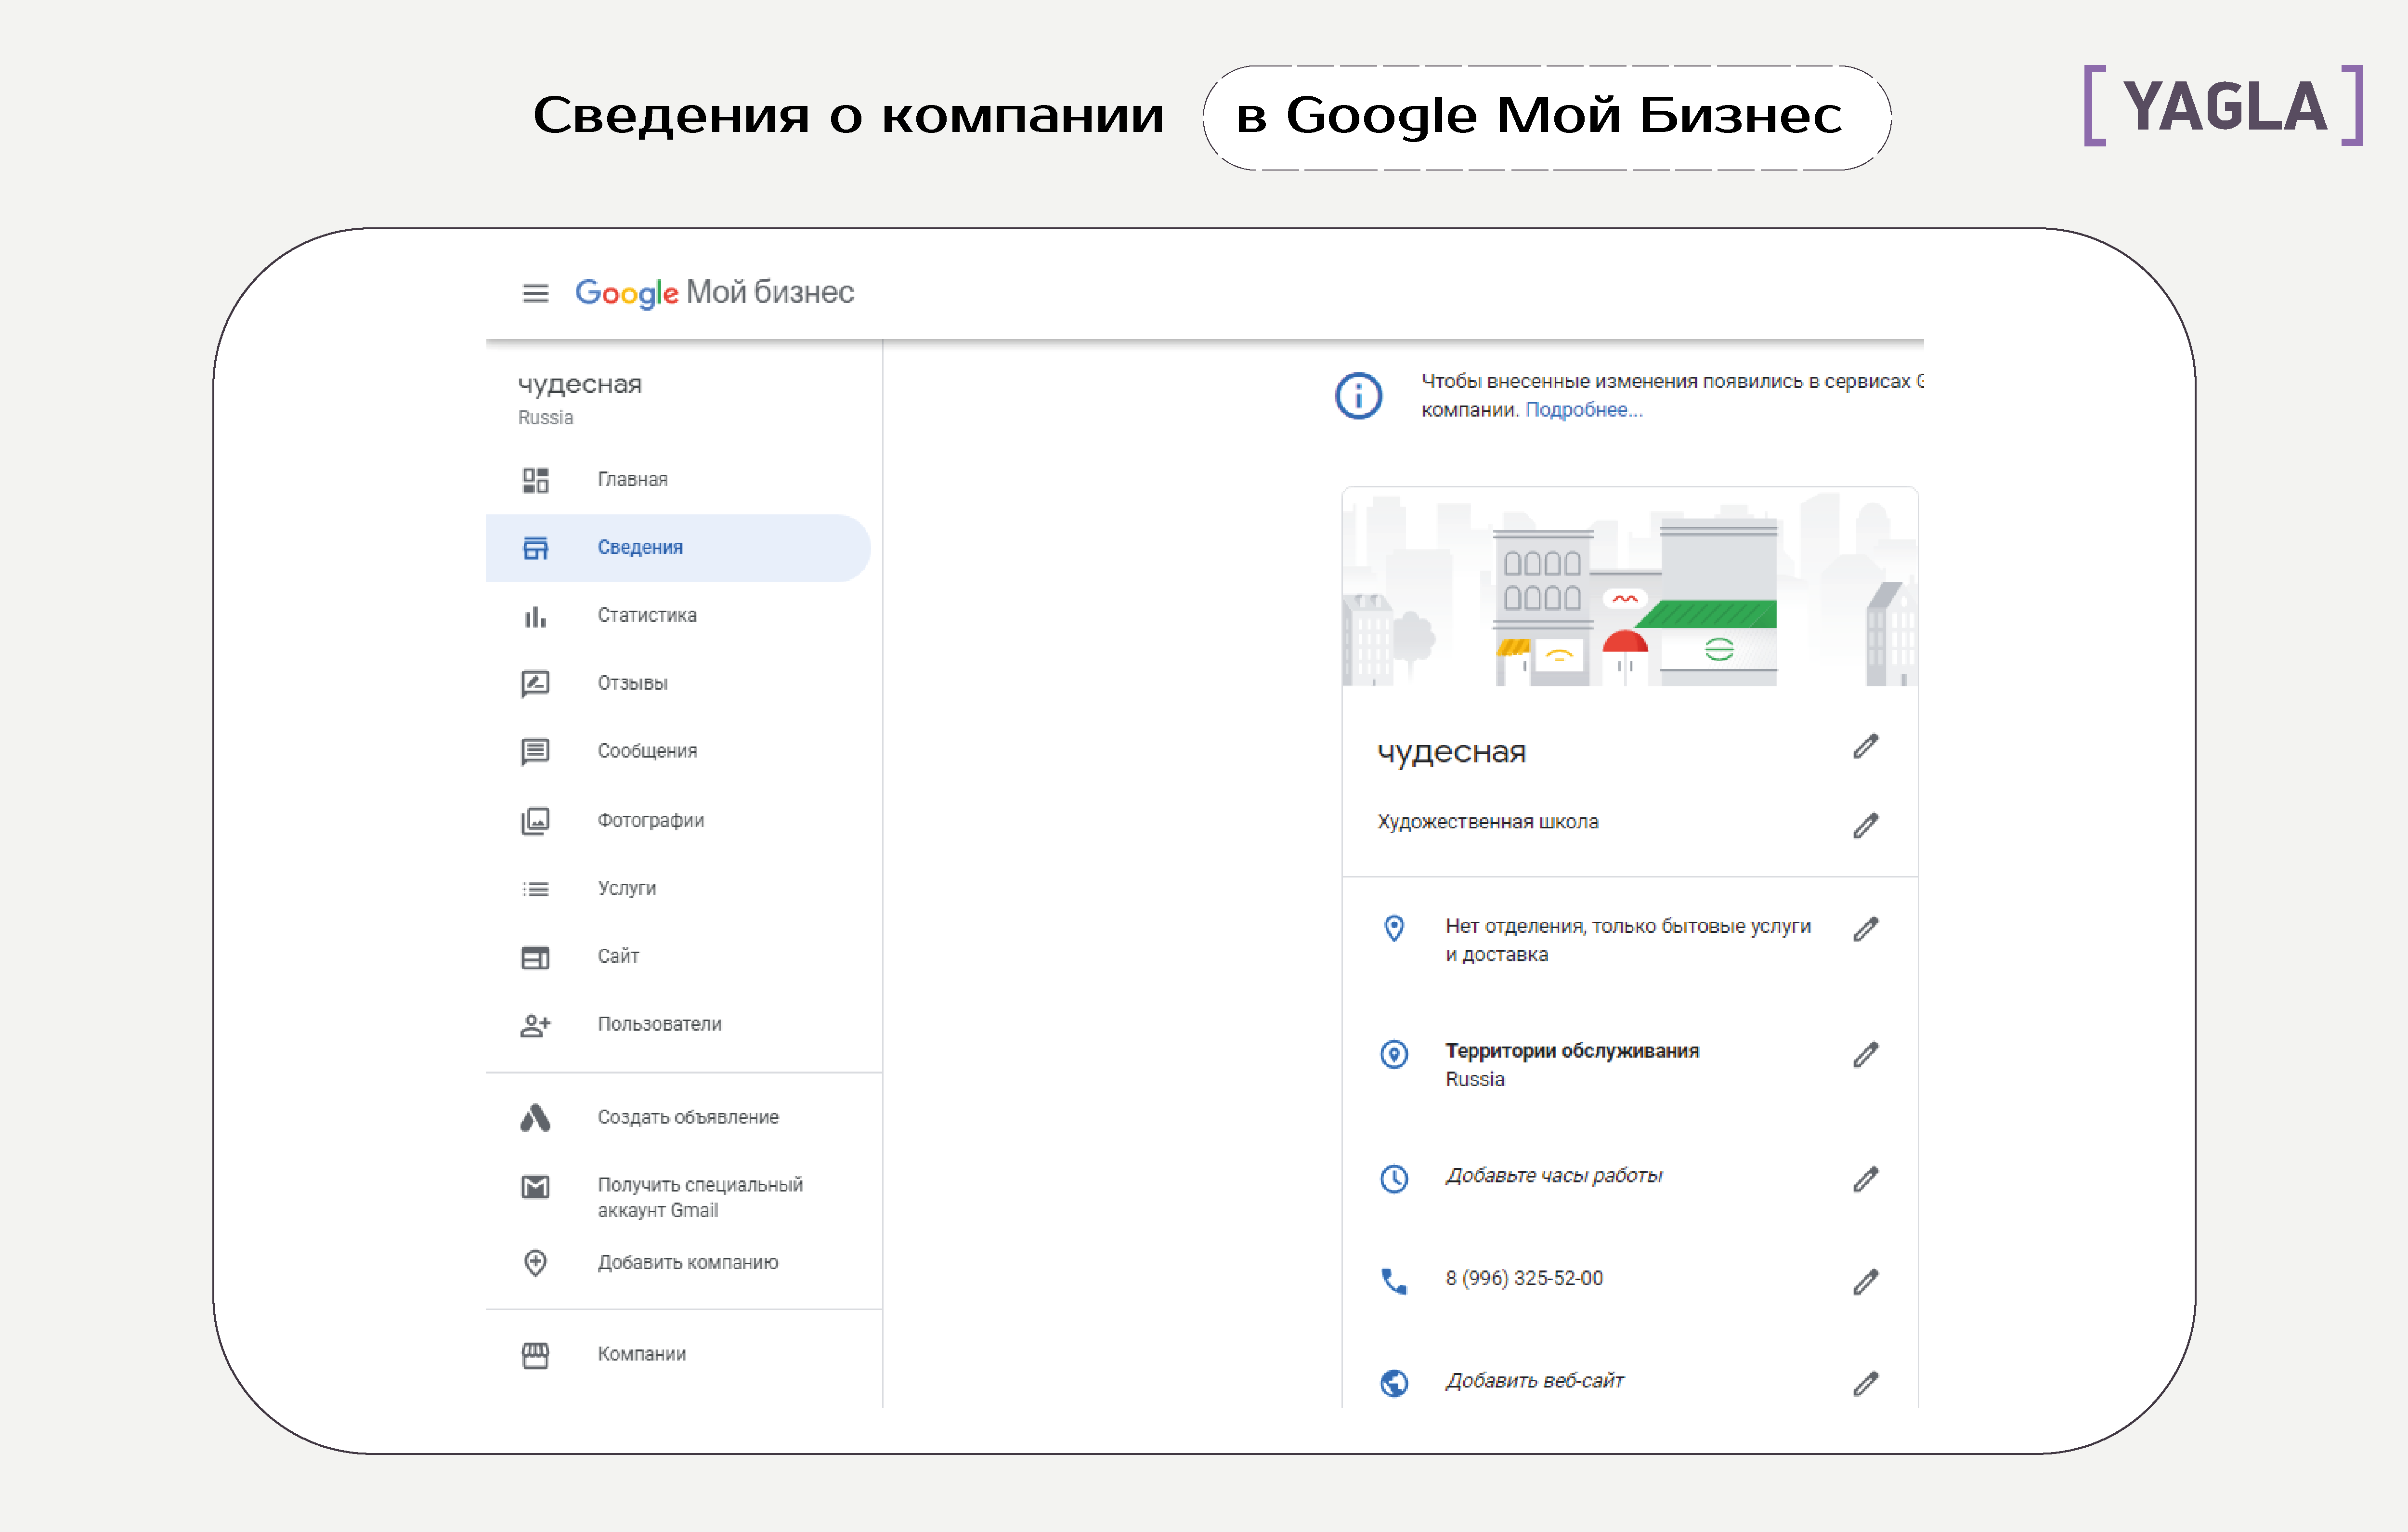 Сведения о компании в Google Мой Бизнес